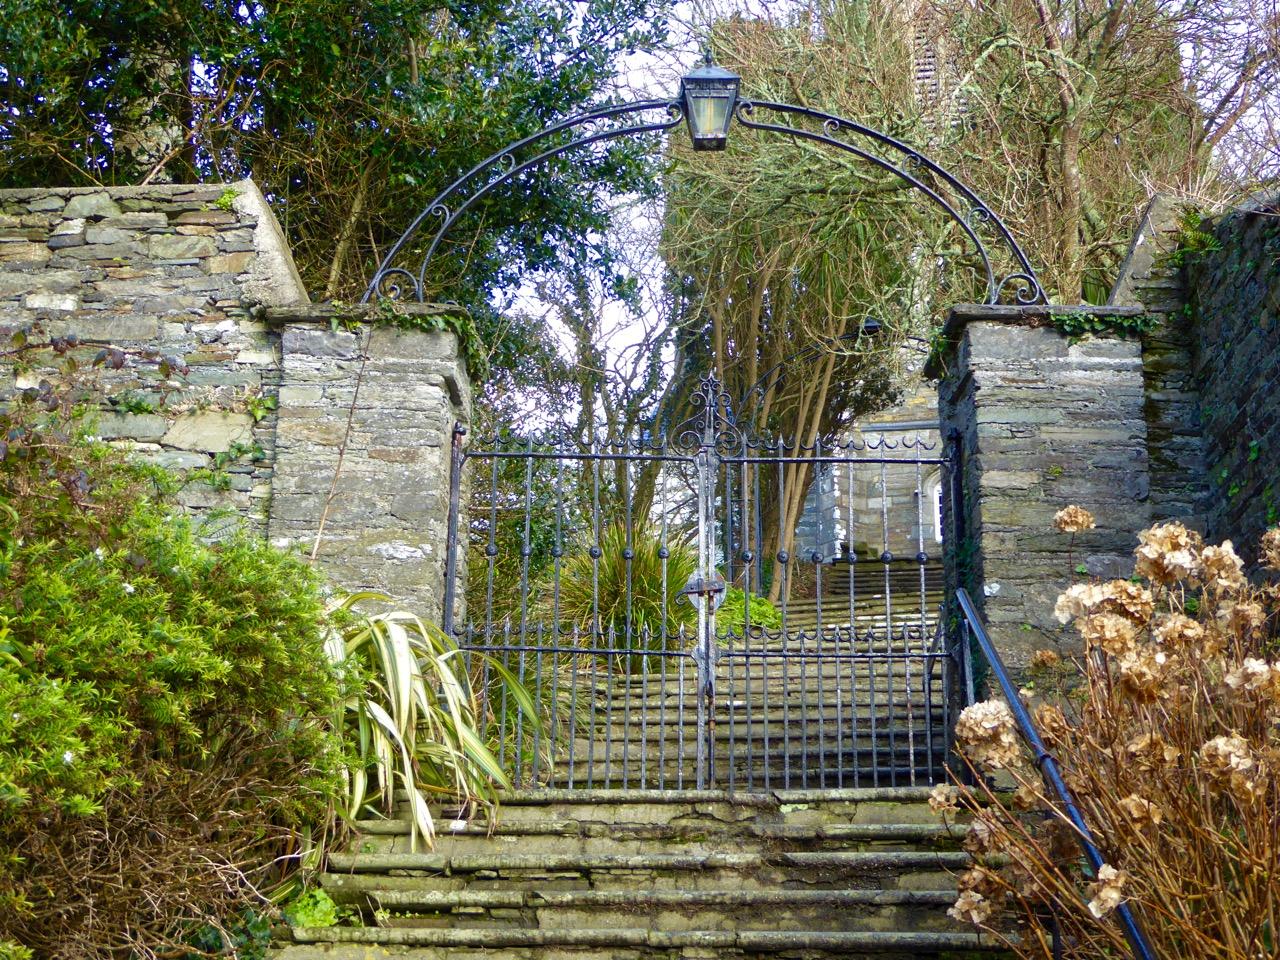 St Barrahane's Church Steps